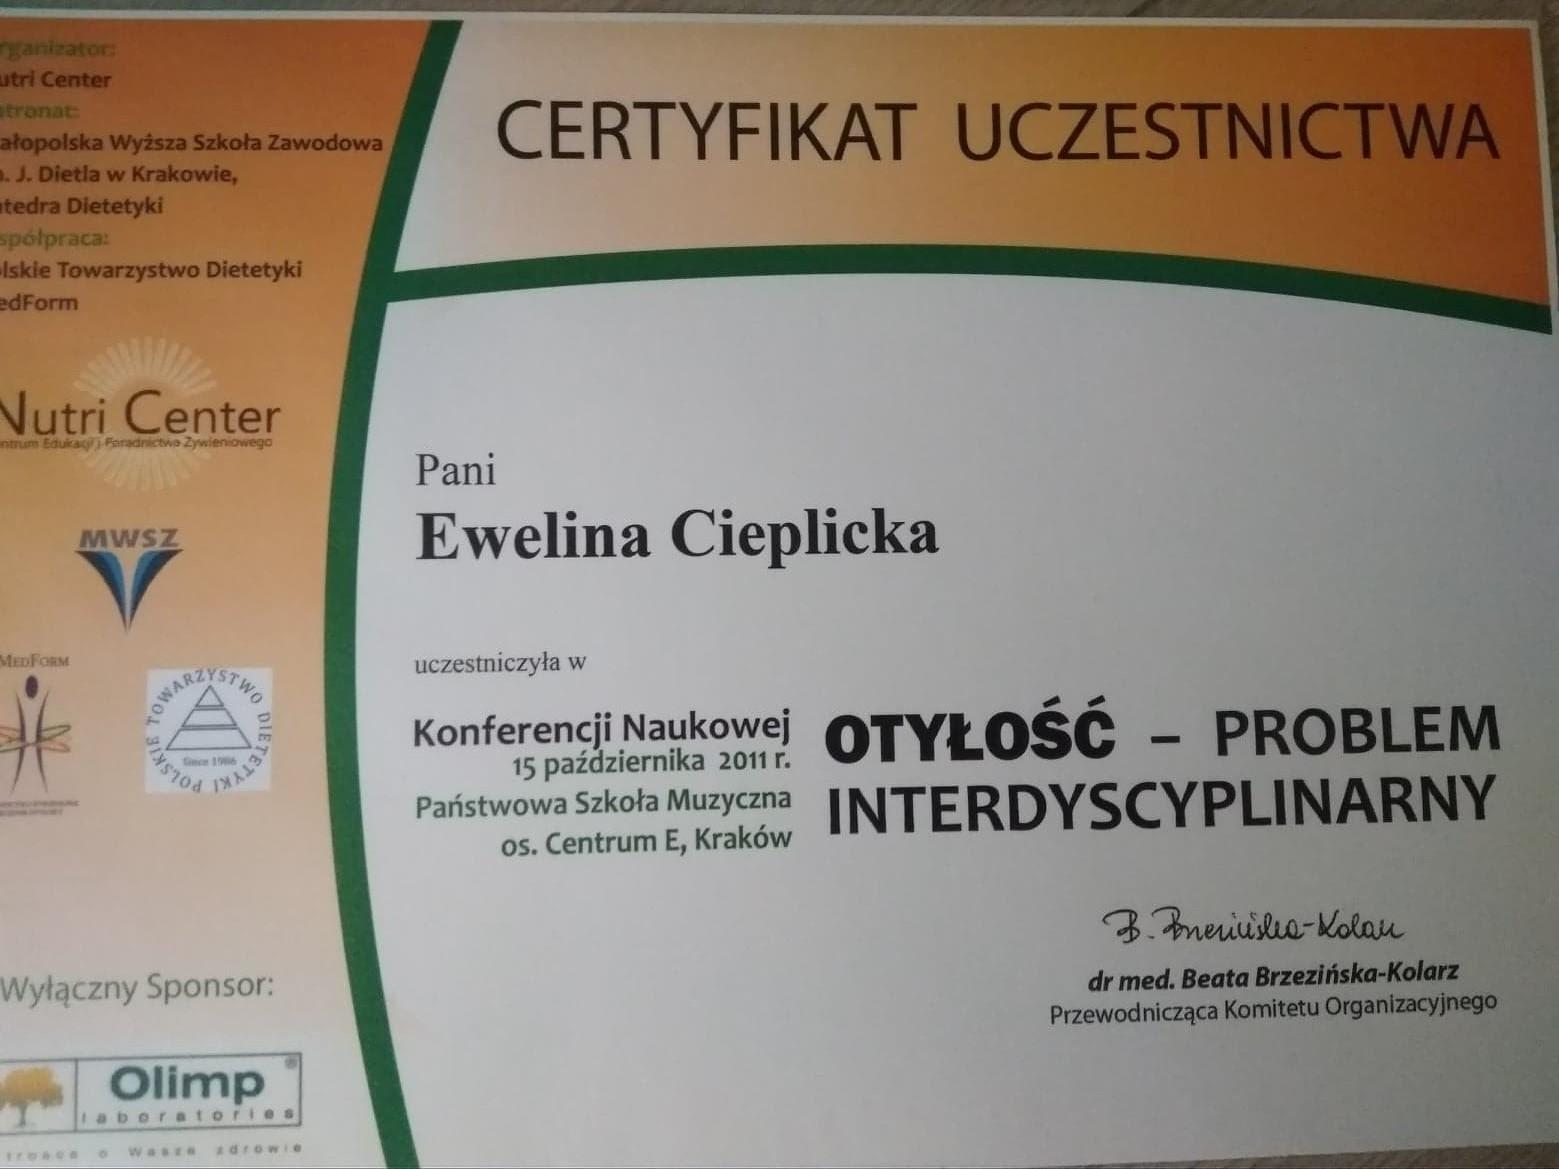 Certyfikat uczestnictwa w konferencji 'Otyłość - problem interdyscyplinarny'